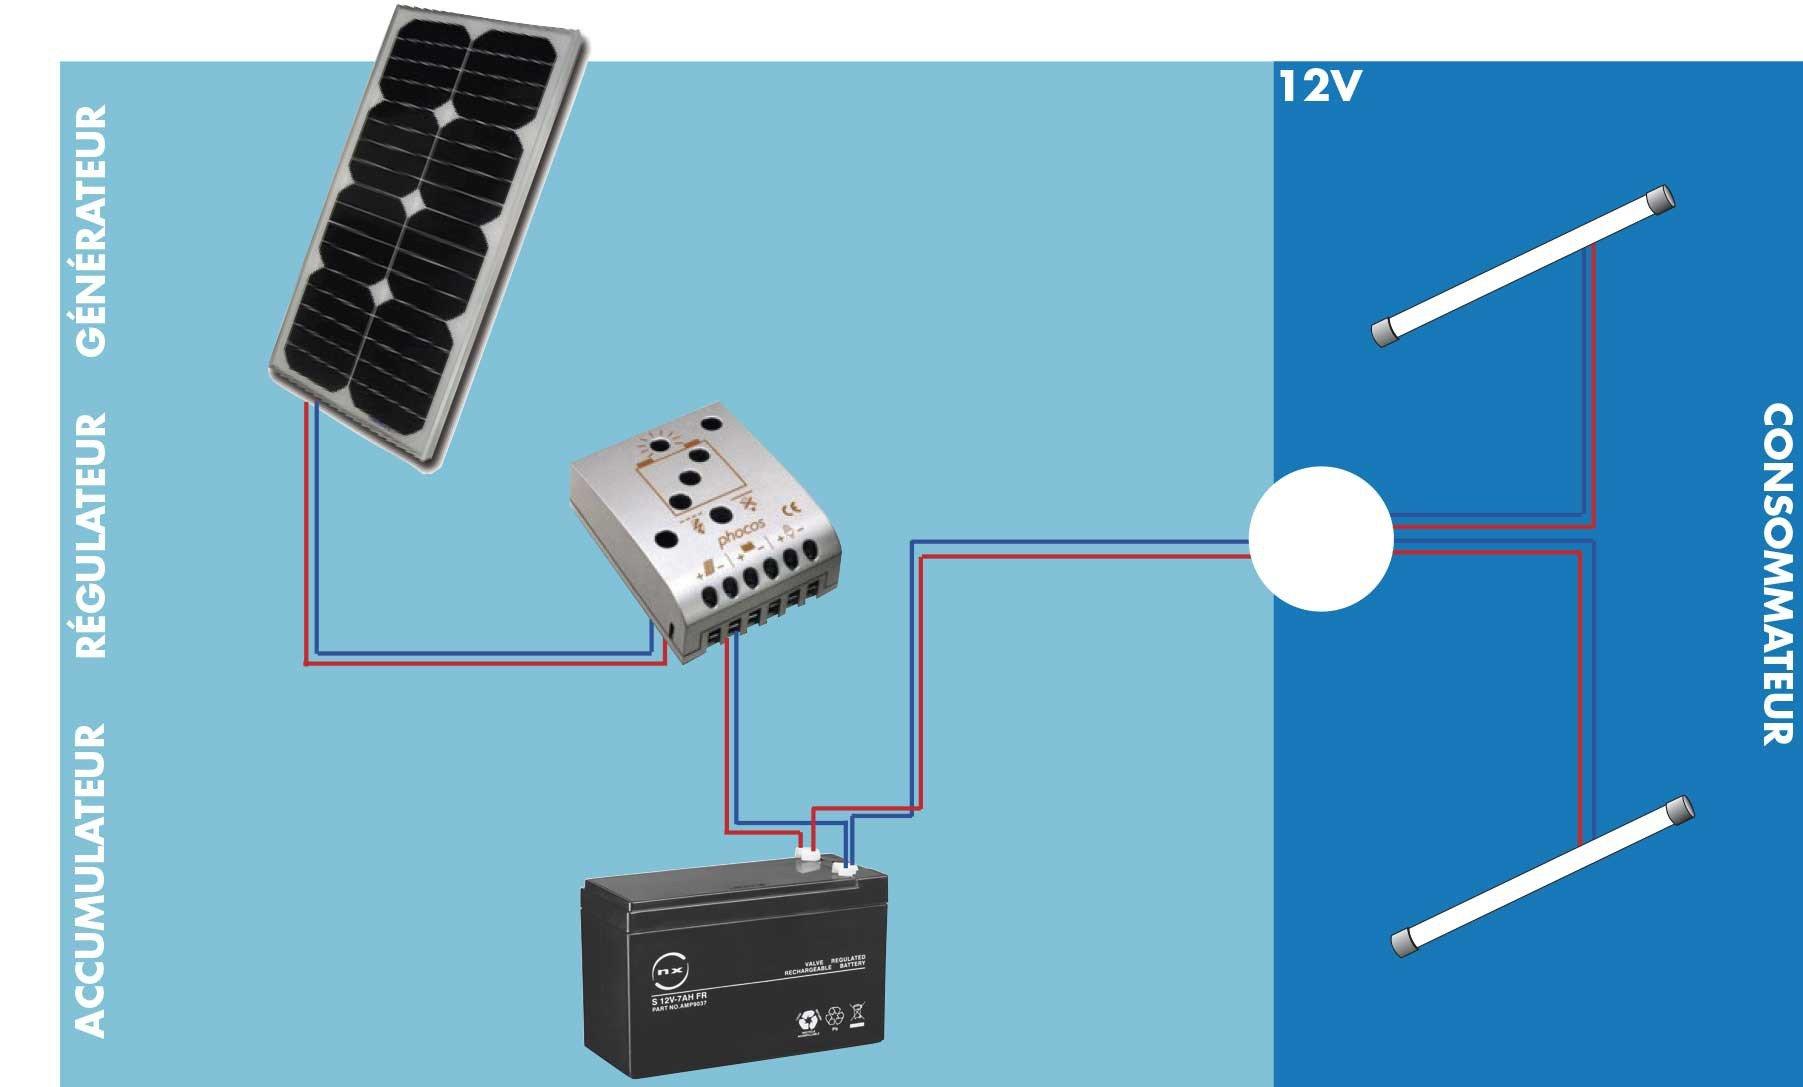 Schéma d'installation solaire en 12 volts